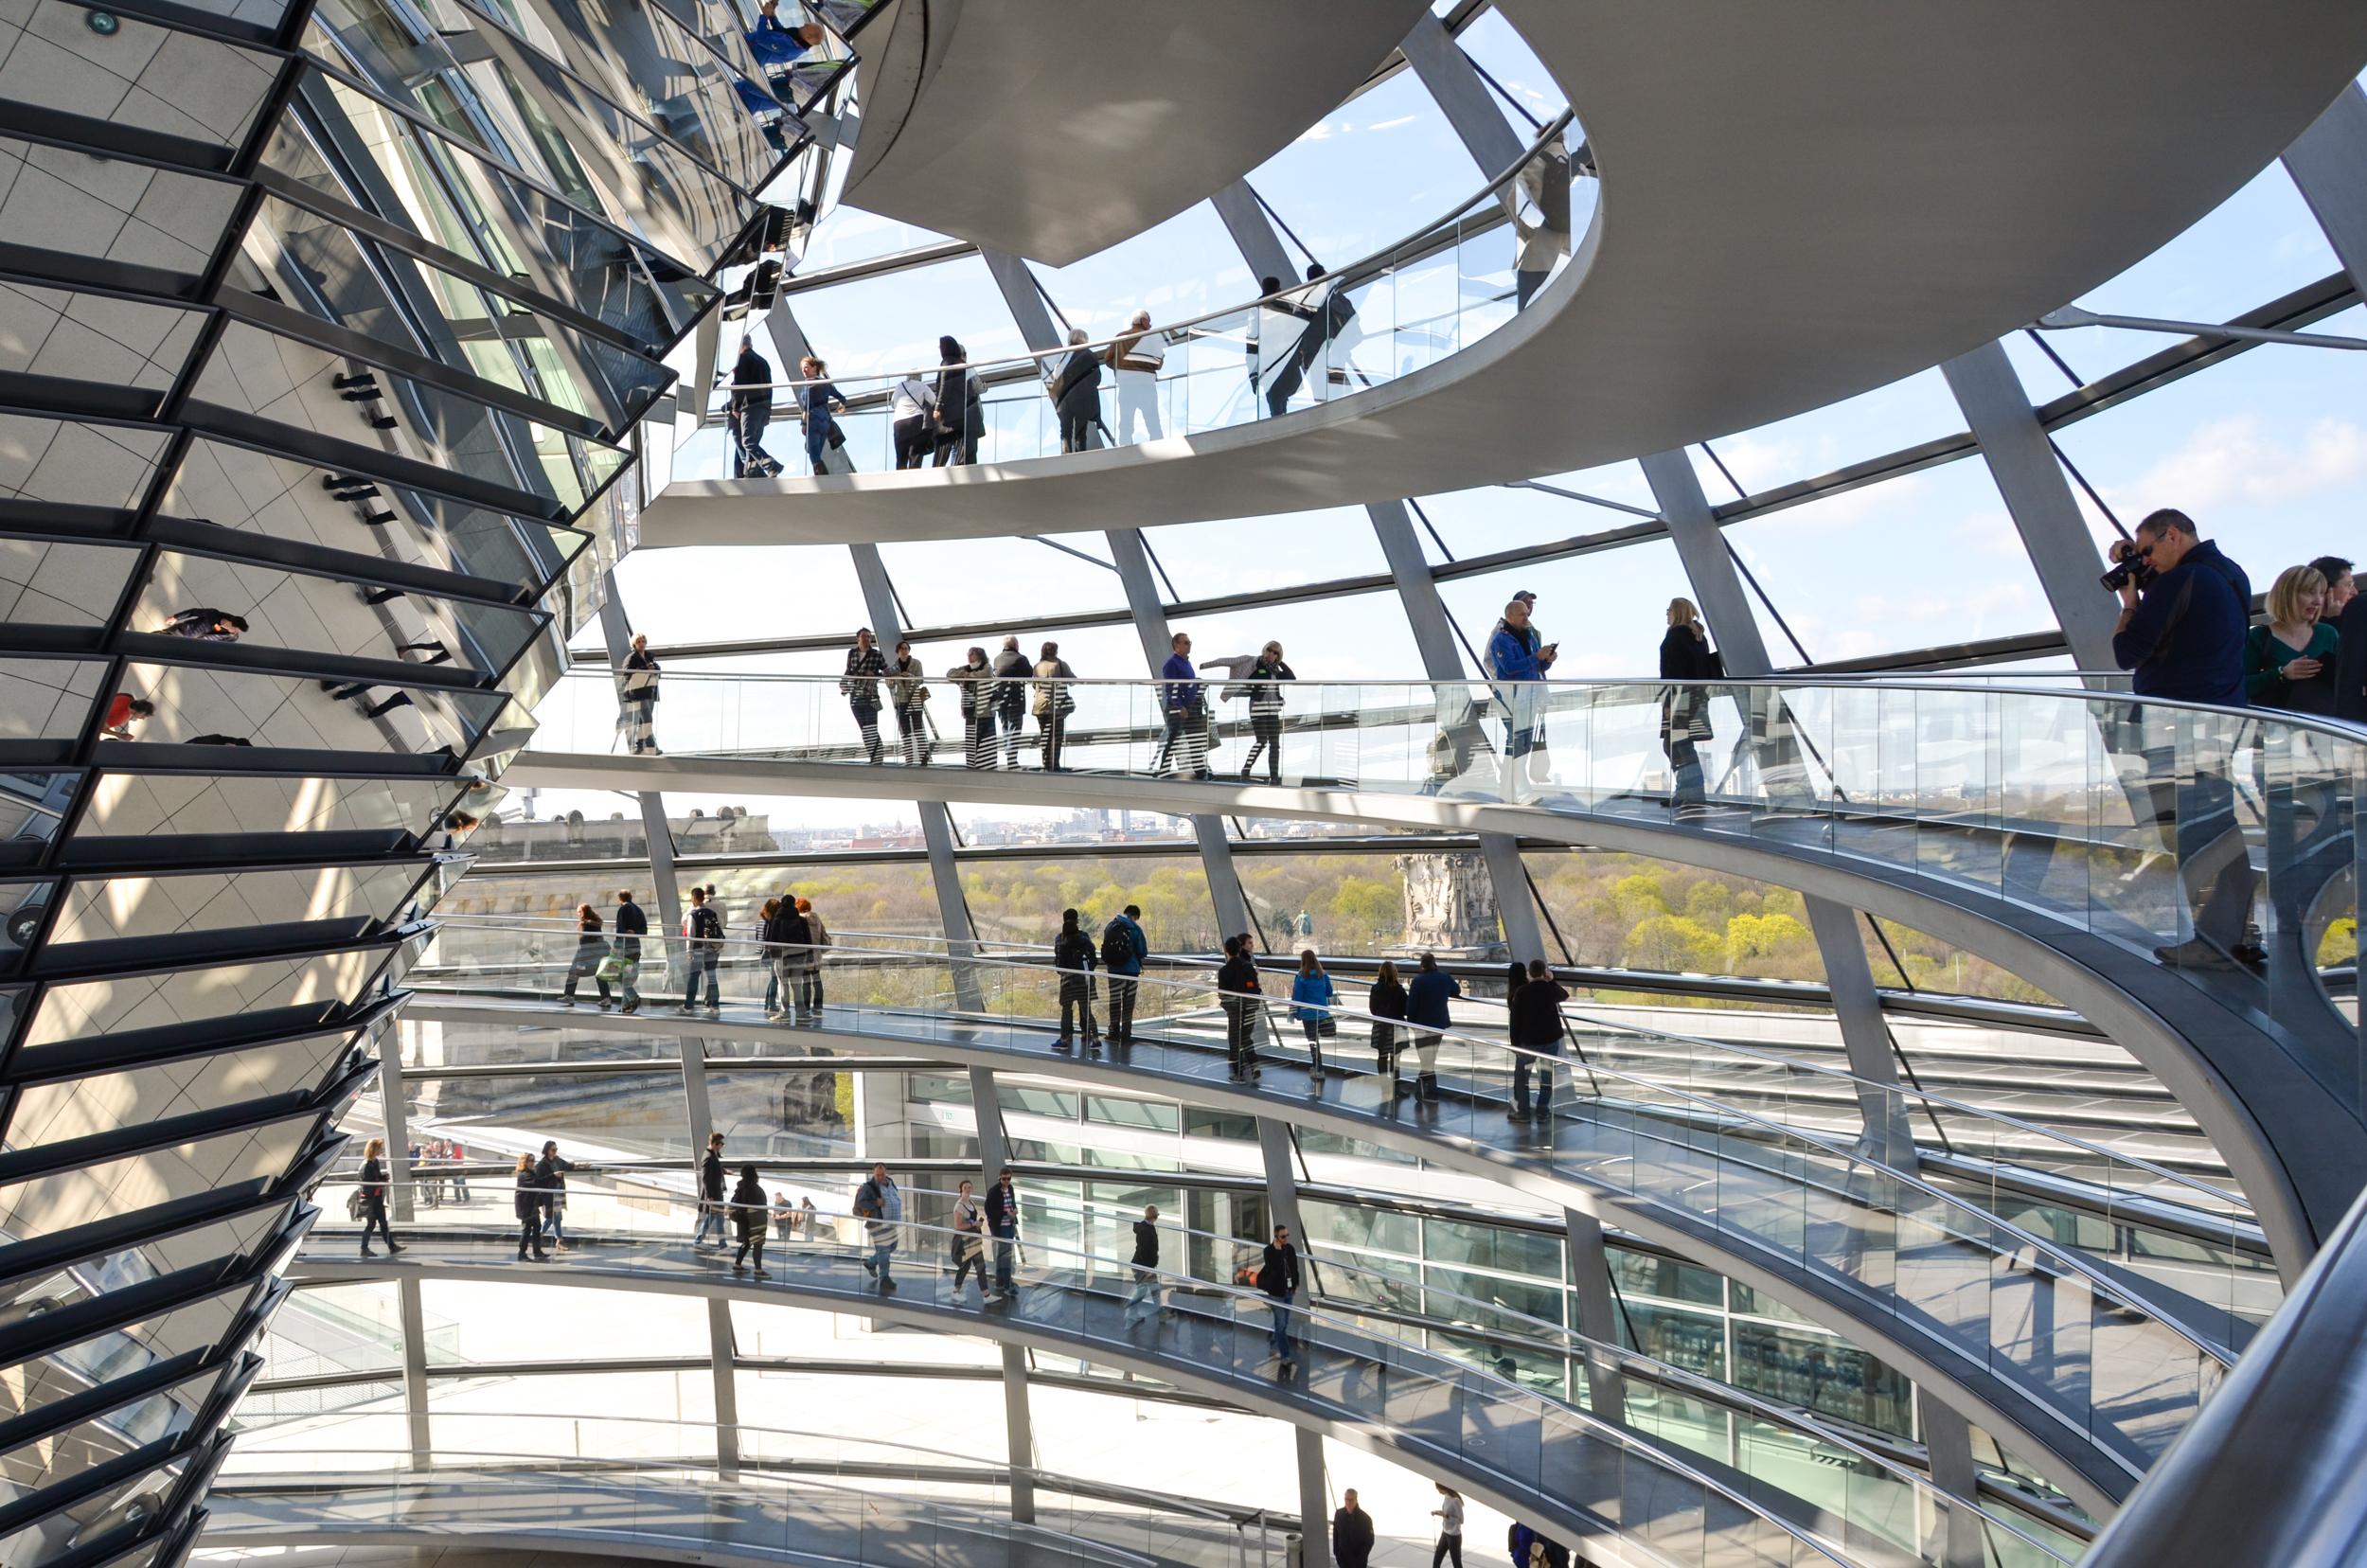 De reichstagkoepel gratis panorama uitzicht over berlijn - Glazen ingang ...